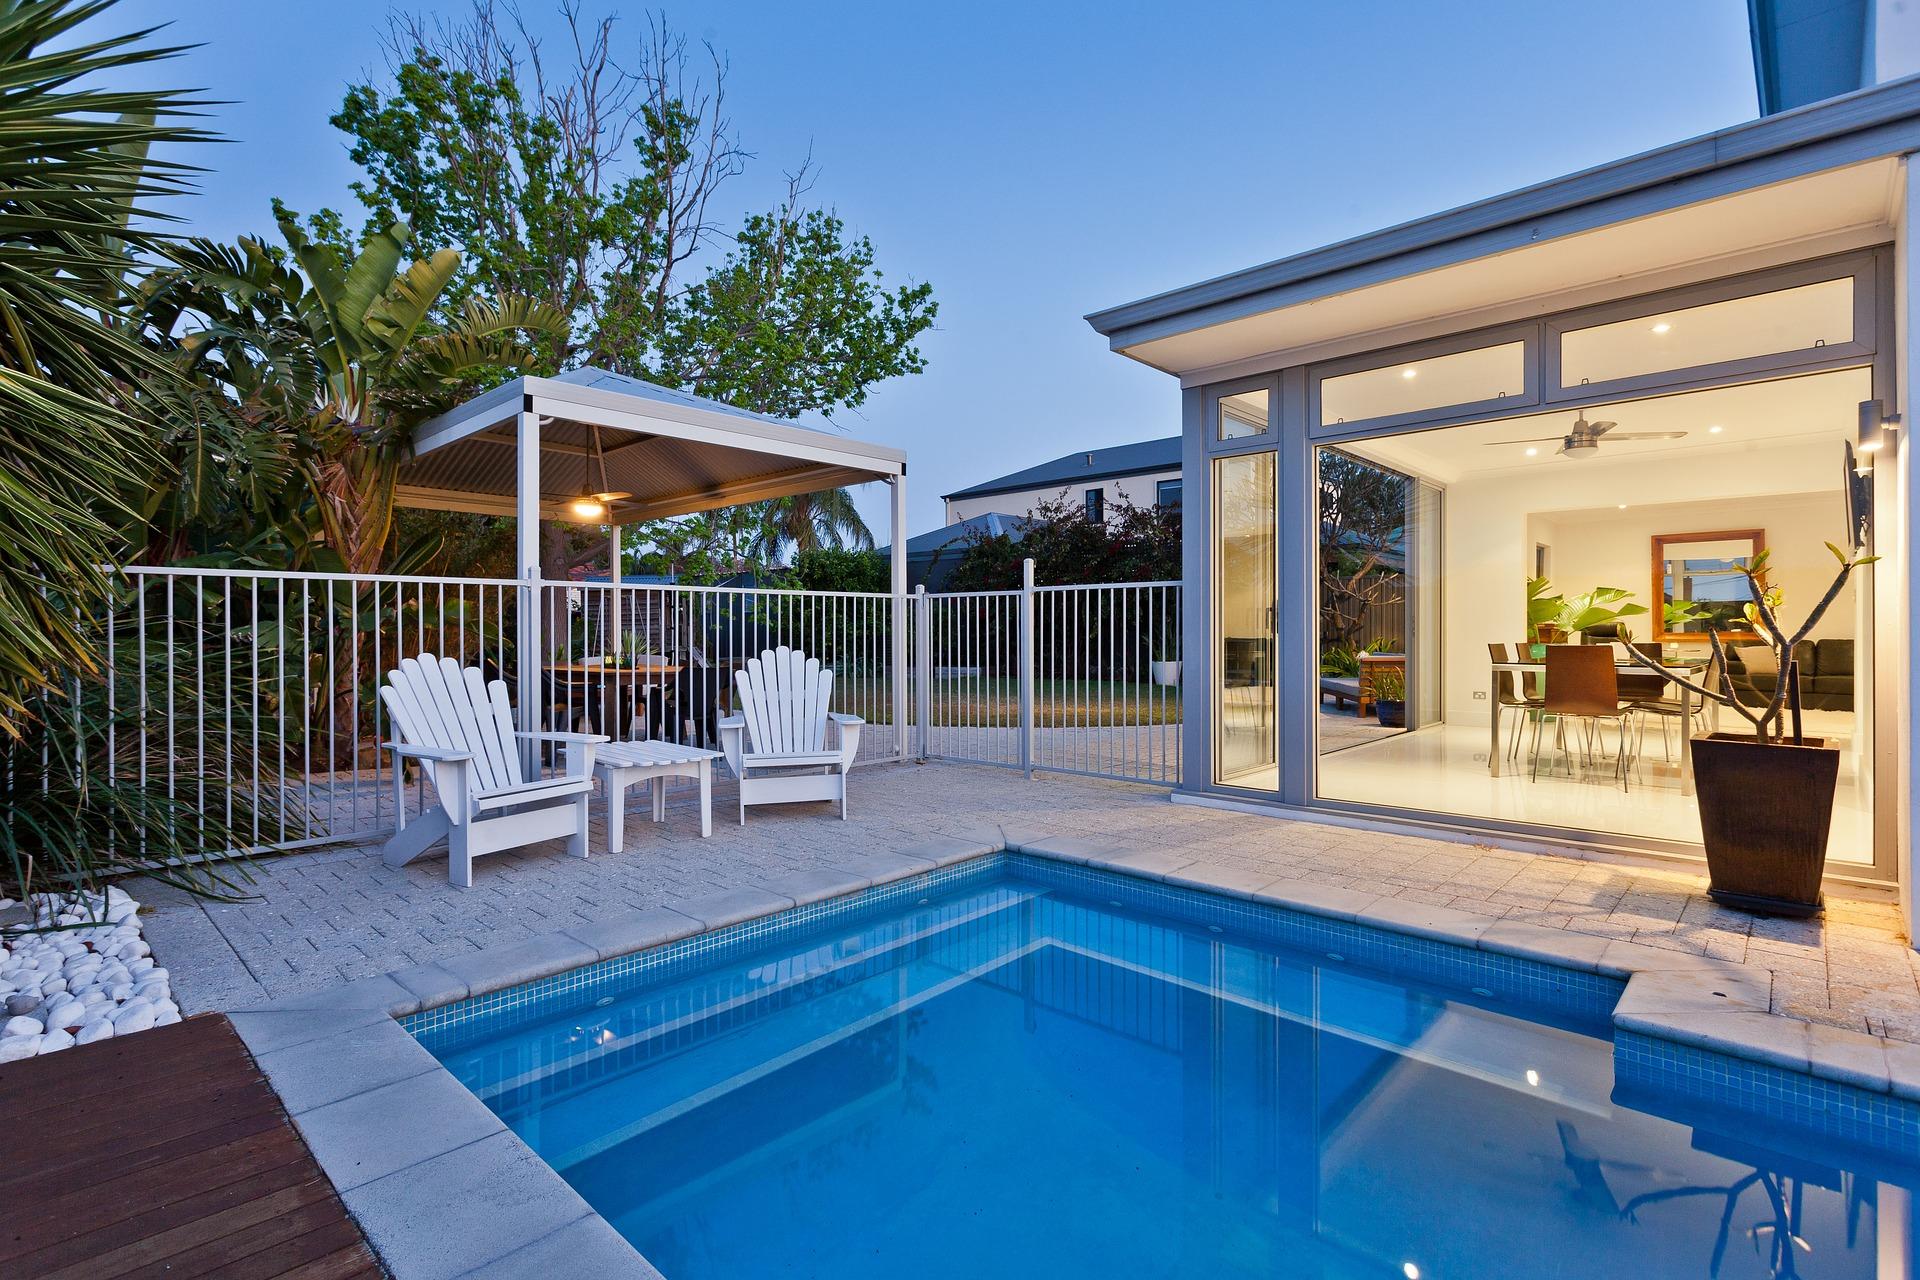 disenos-de-piscinas-para-casas